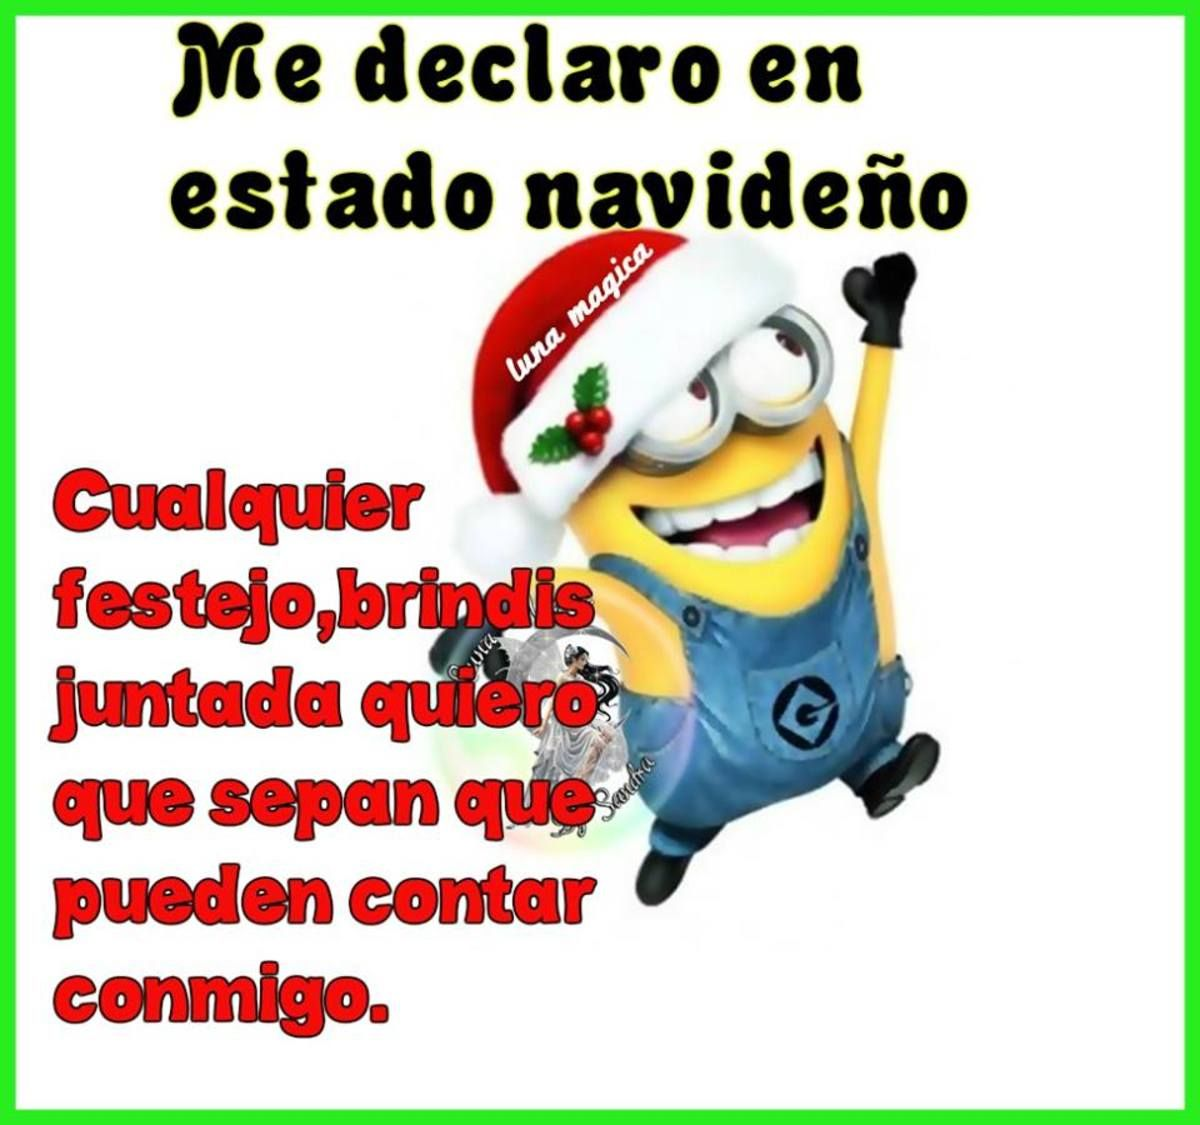 Imagenes Y Frases Chistosas De Navidad Wwwnaturalrugsstore